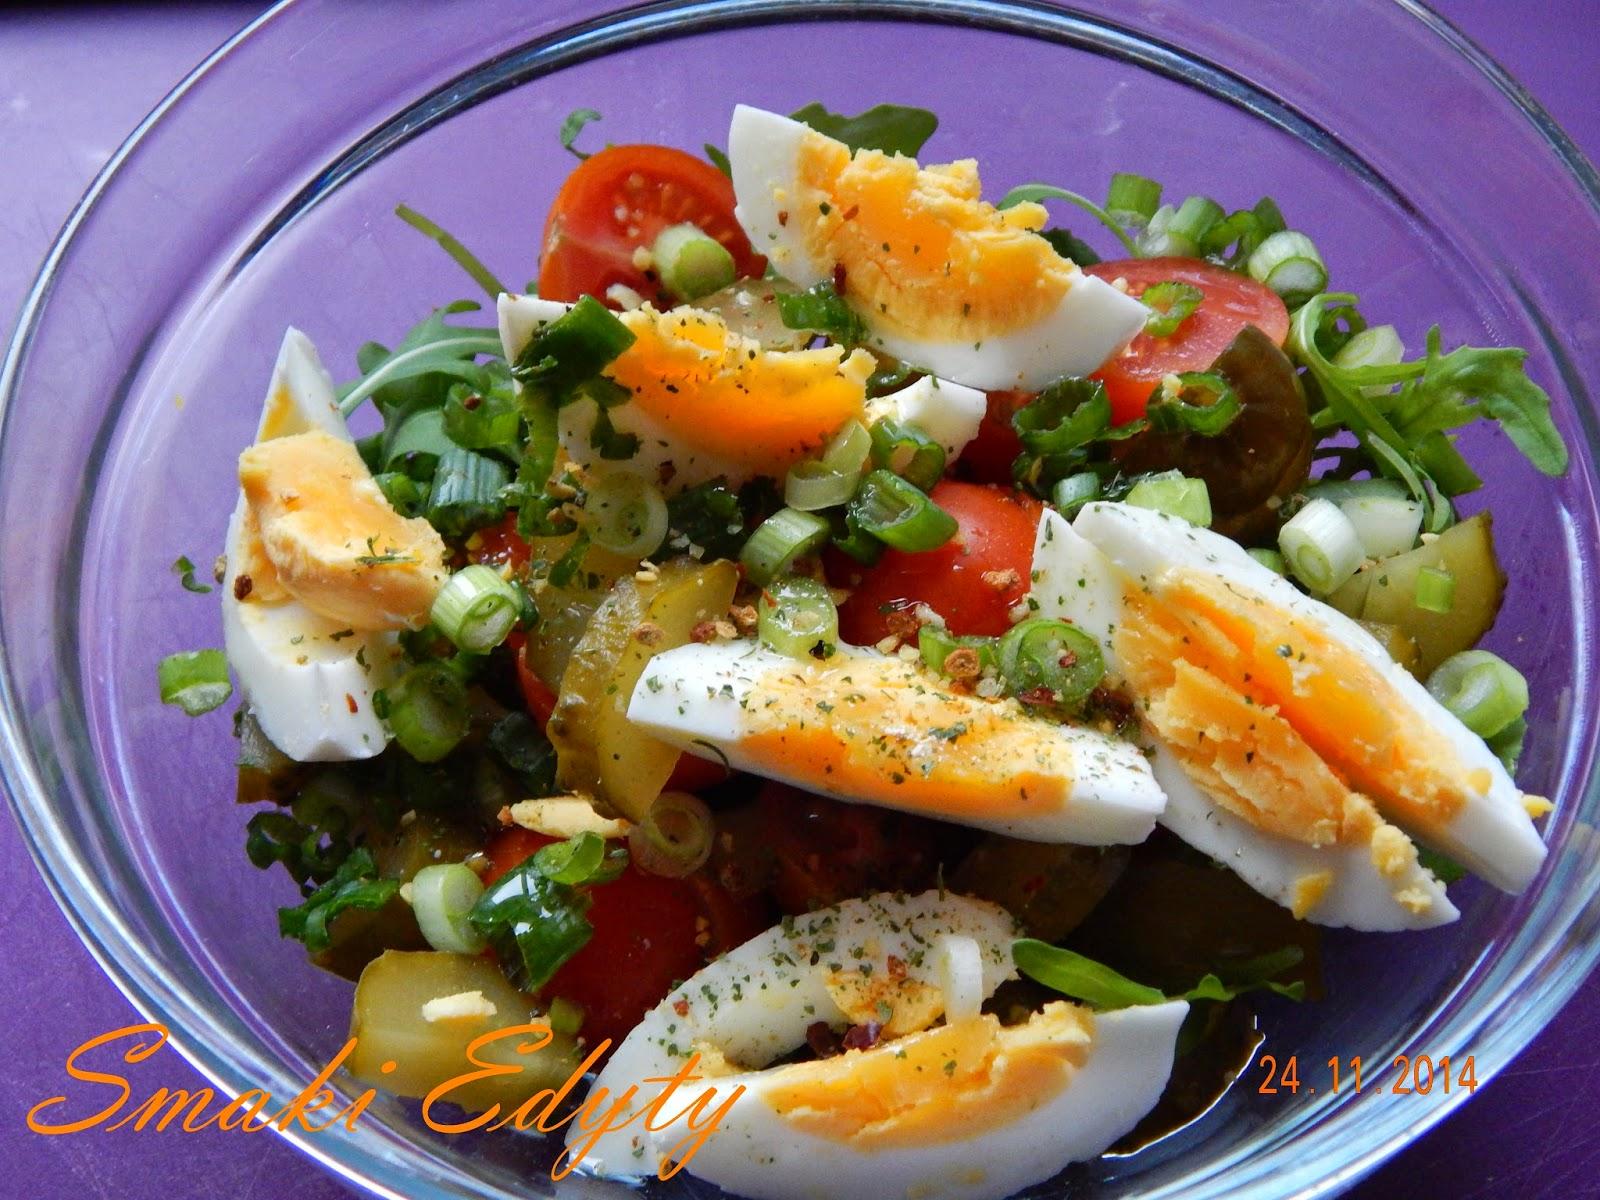 Smaki Edyty Salatka Z Jajkiem